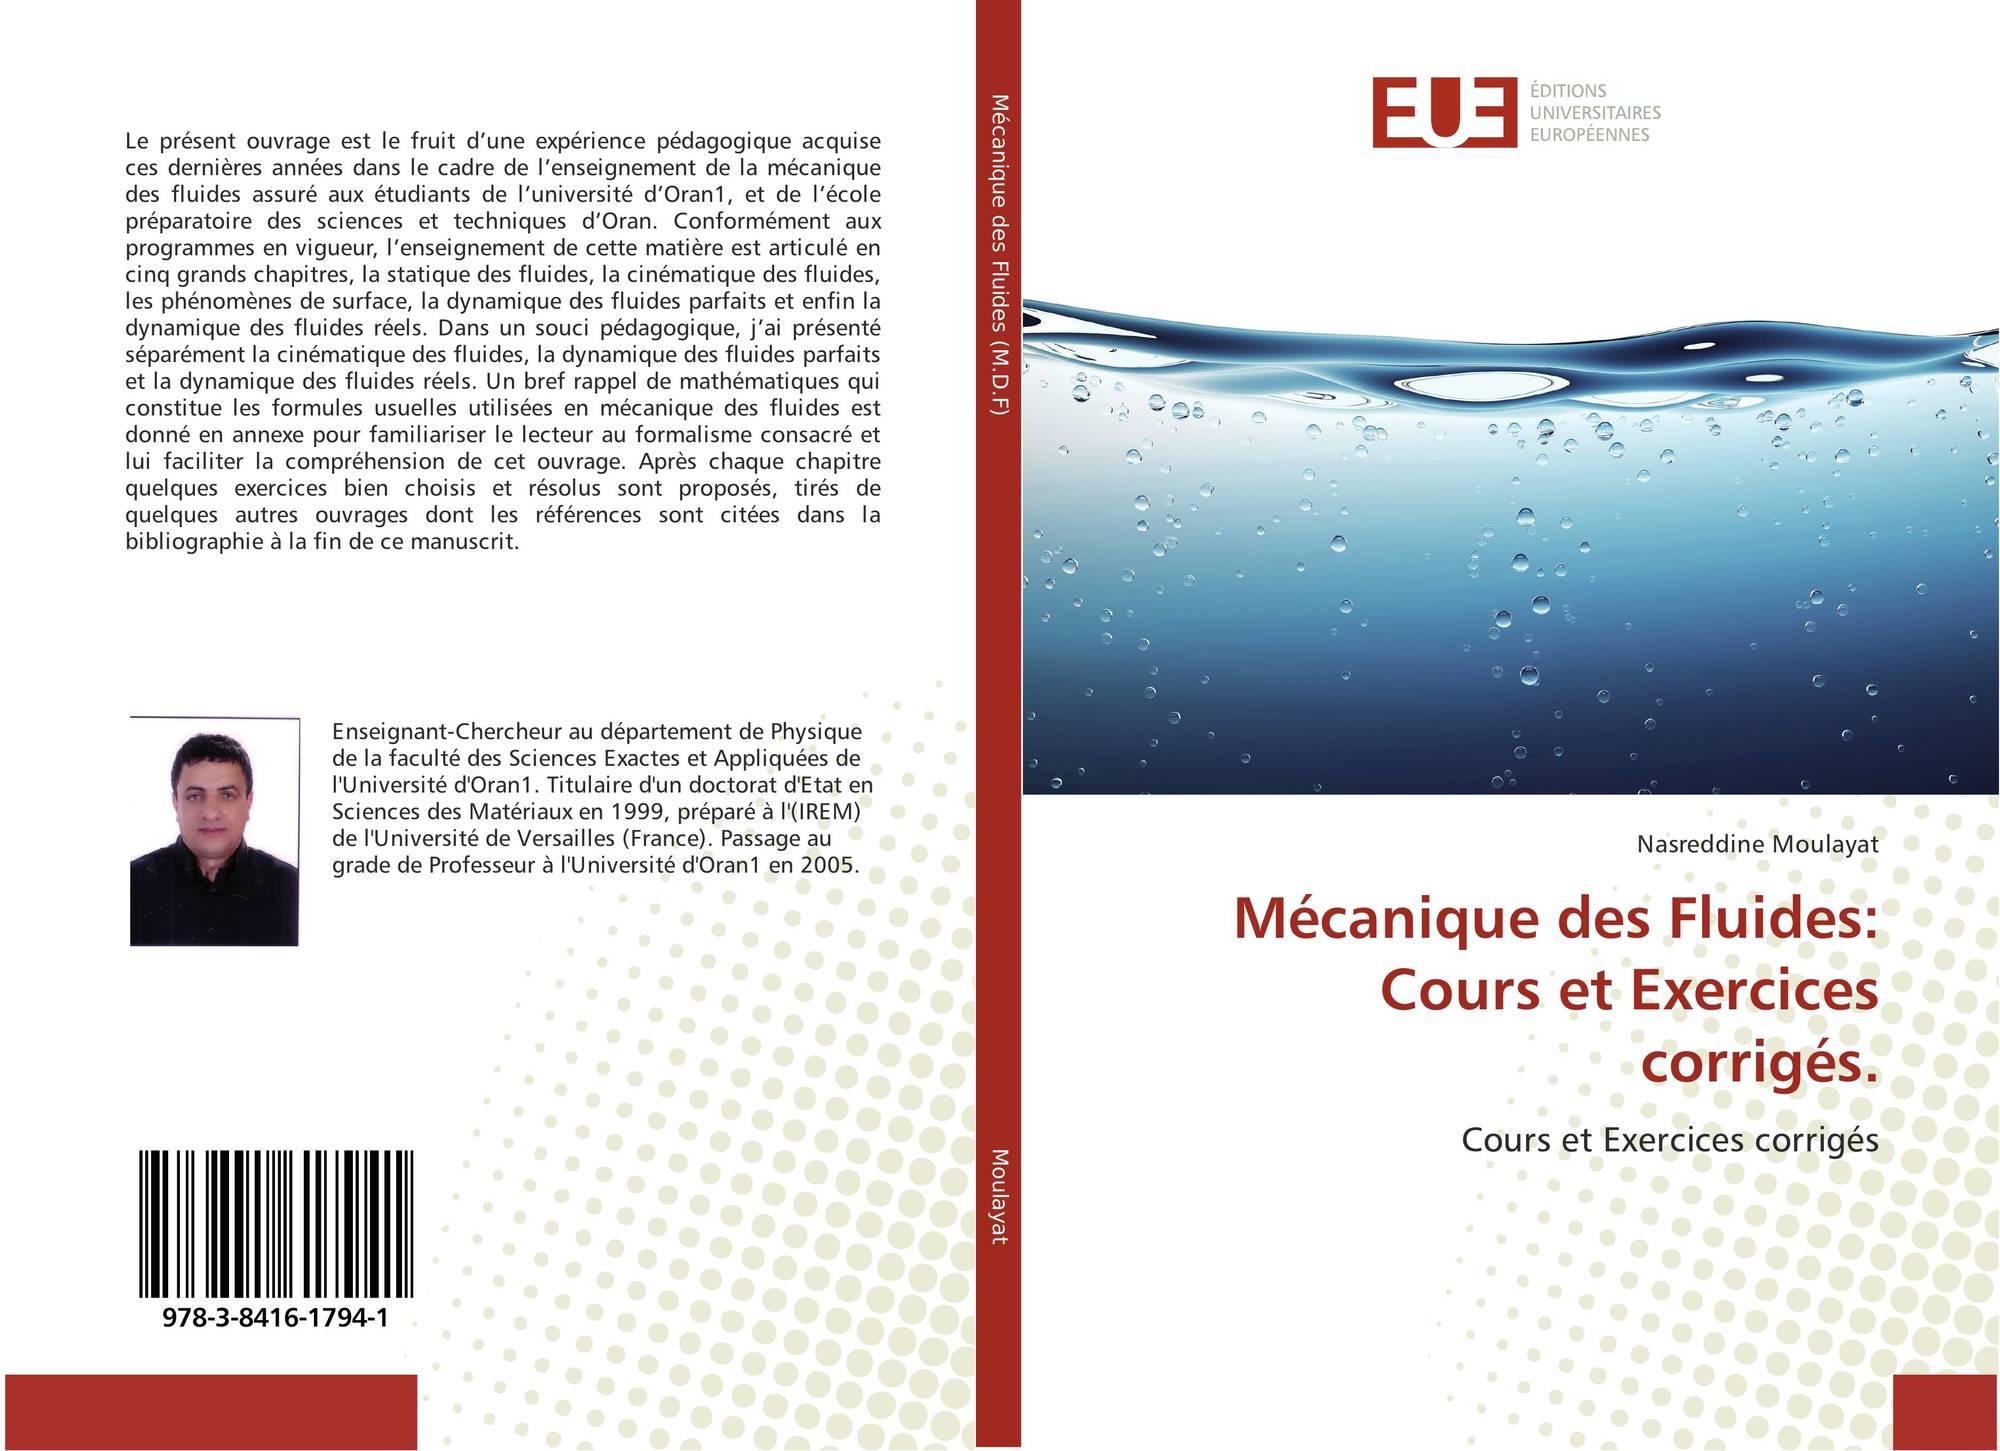 Mécanique des Fluides: Cours et Exercices corrigés., 978-3 ...